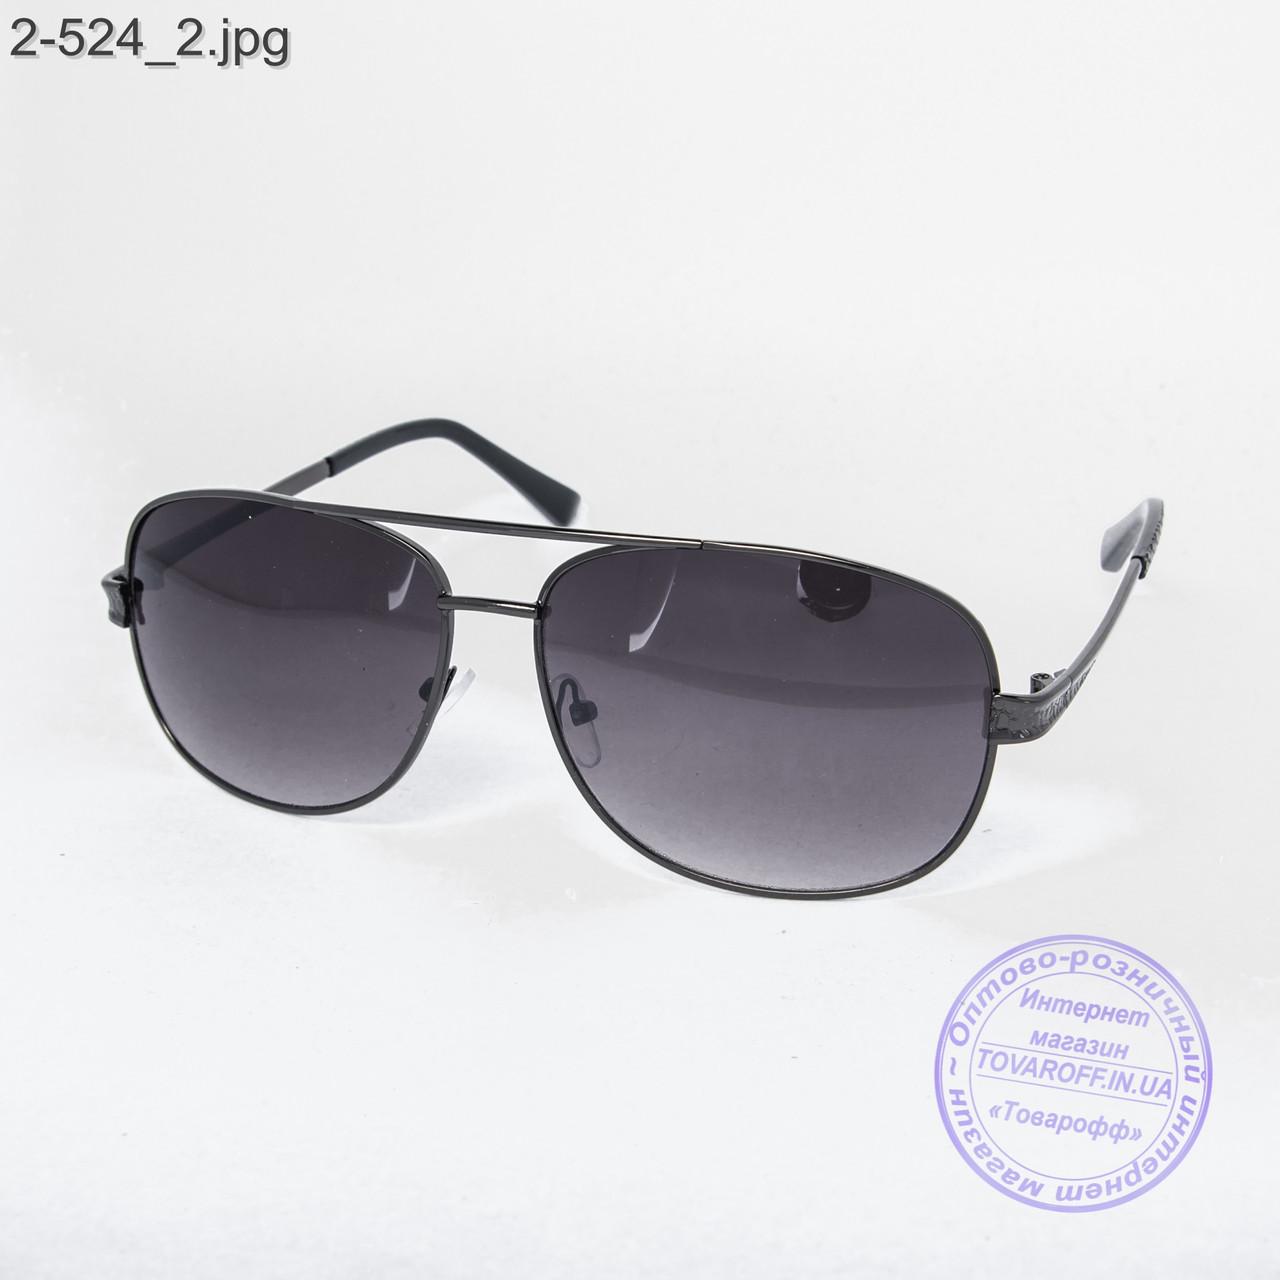 Мужские солнцезащитные очки черные - 2-524 - купить по лучшей цене в ... 8453cf3c788